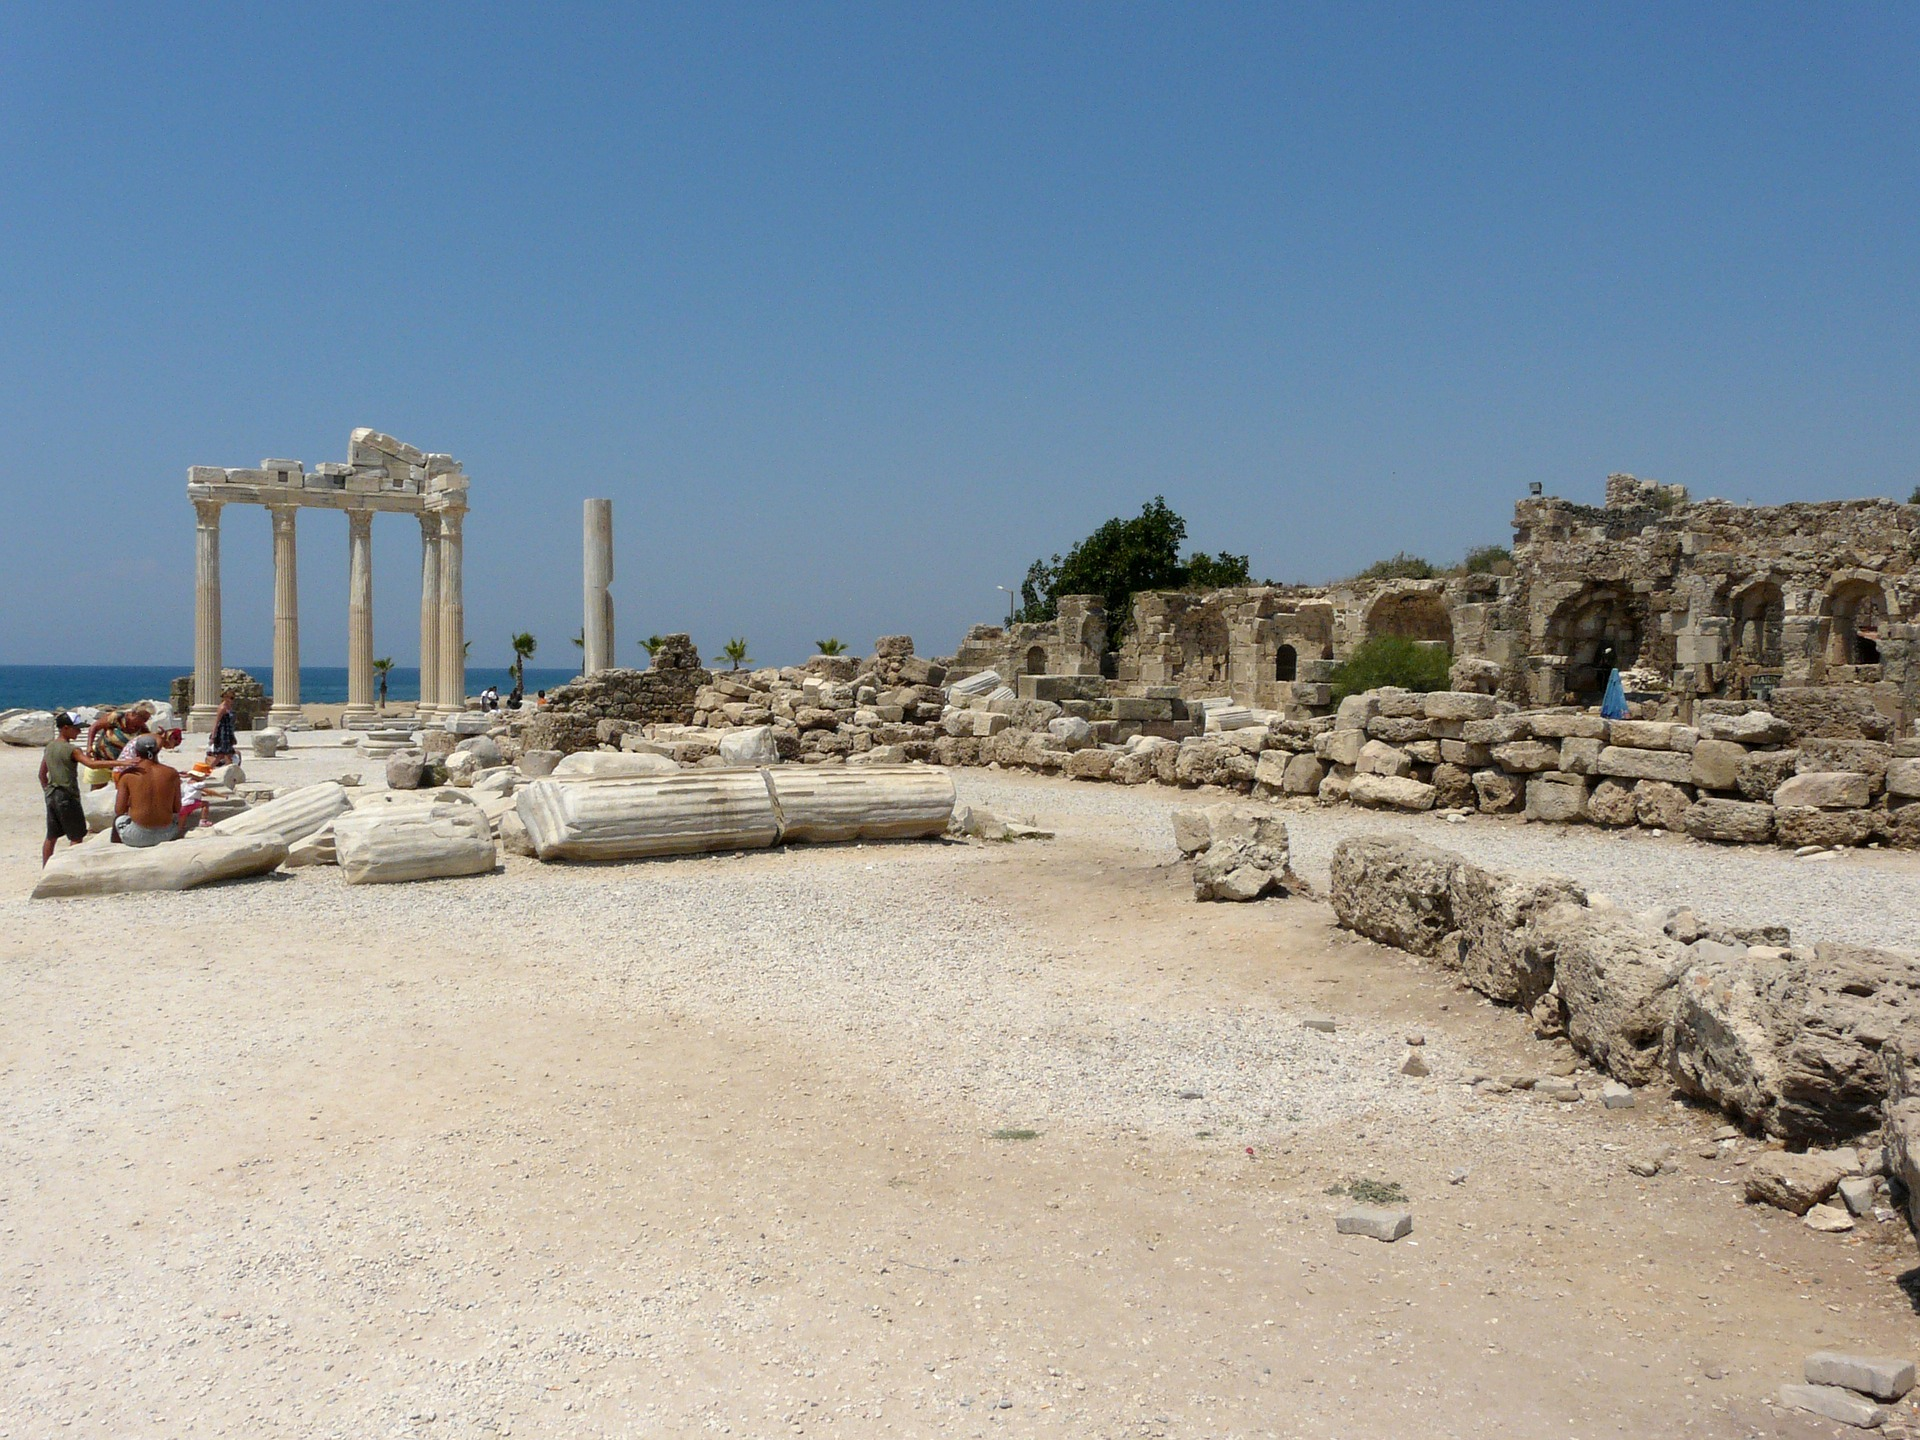 Side Ferien - entdecken Sie die alten Ruinen der Römer in Alanya